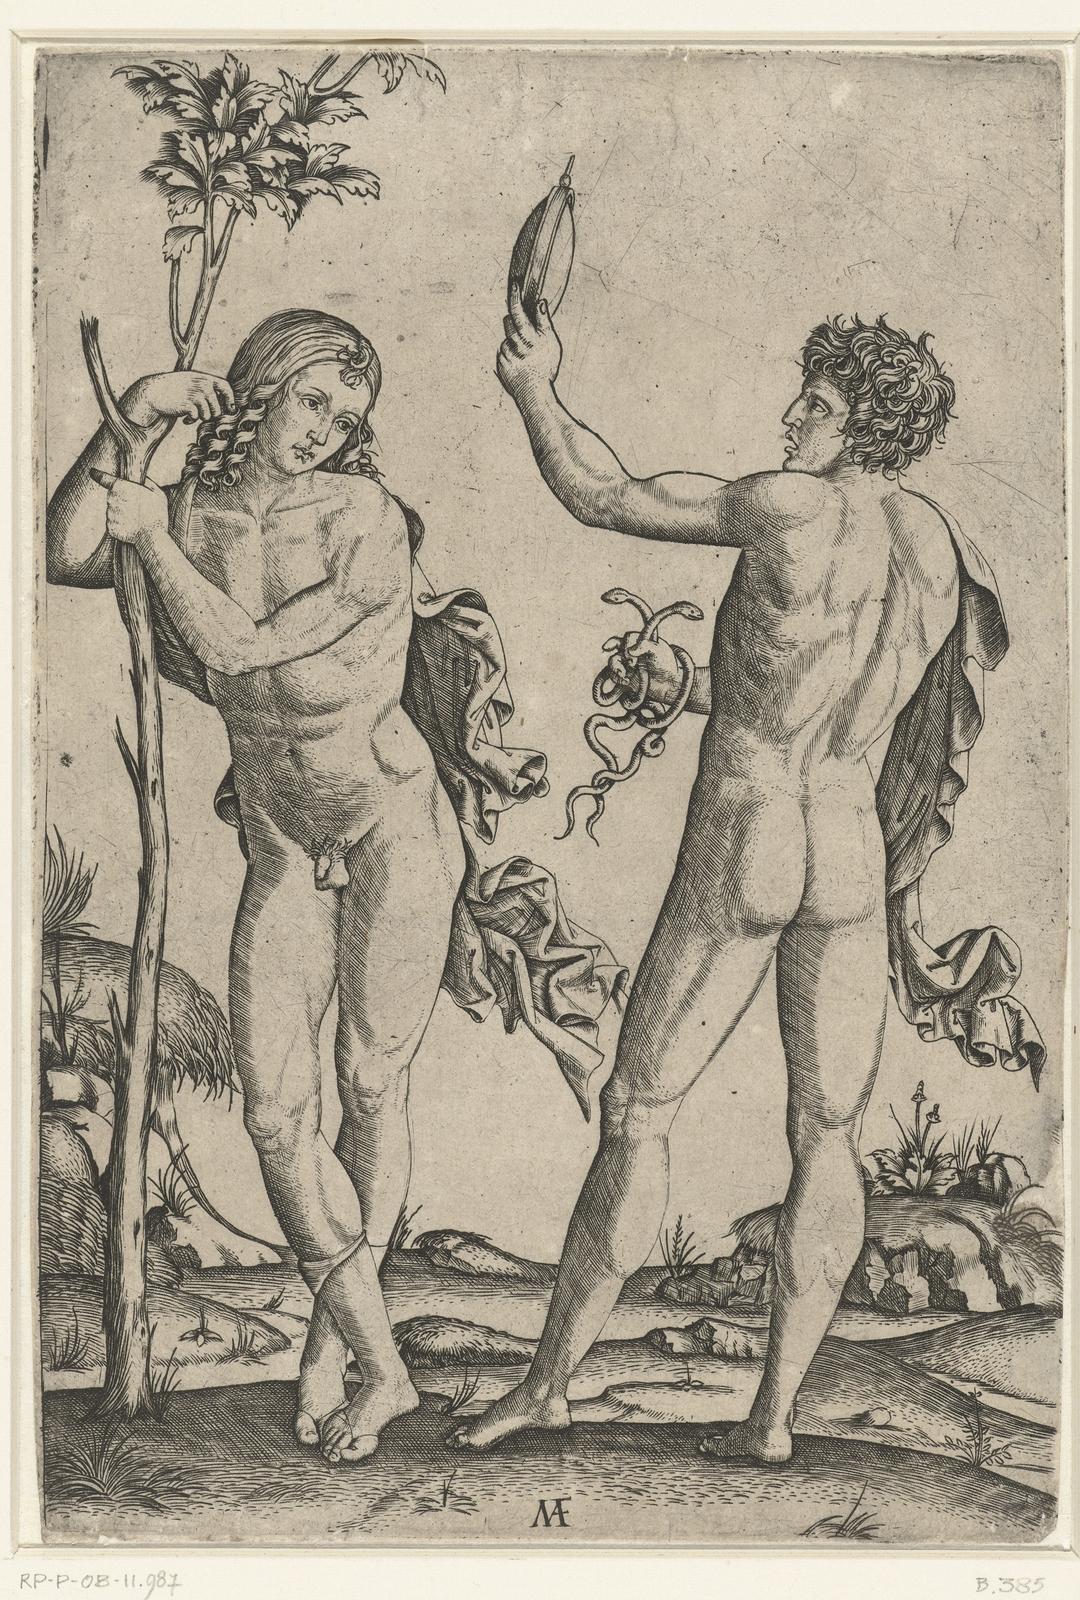 Naakte man leunend tegen boom en naakte man met spiegel en twee slangen